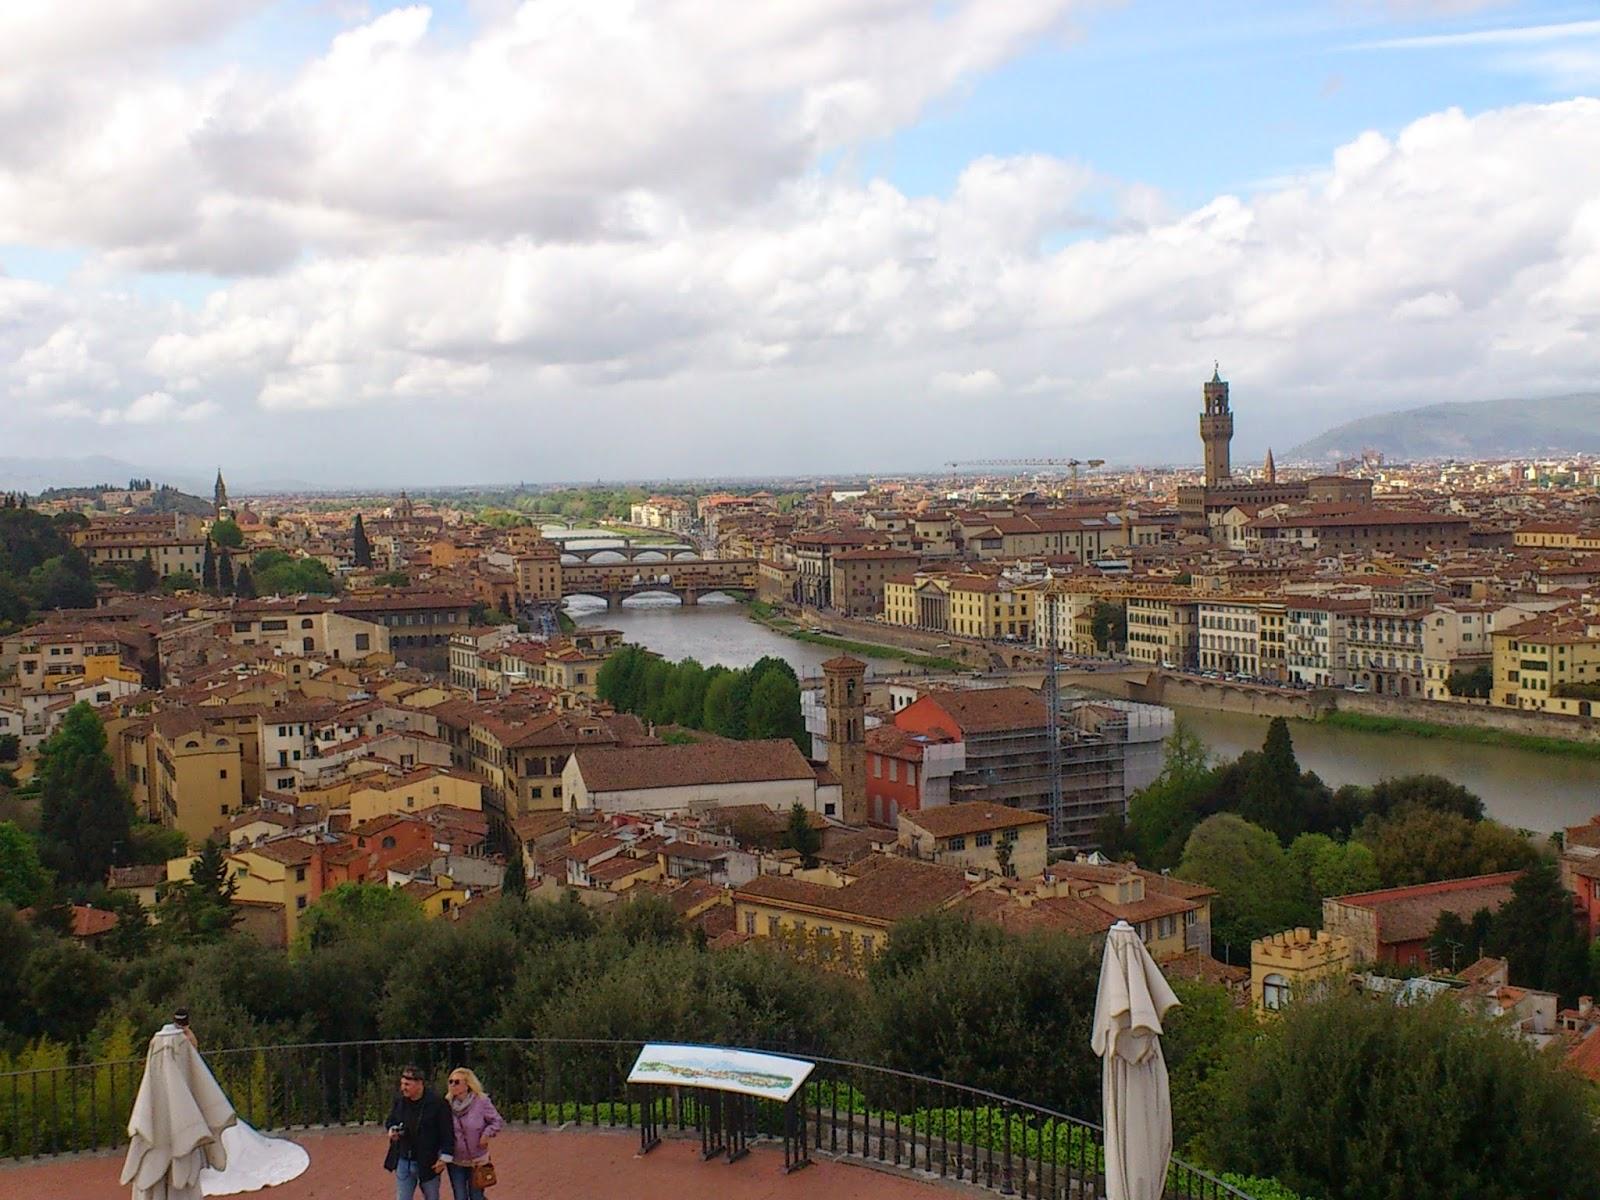 Vista de Florença - Itália. Ponte Vecchio e Rio Arno